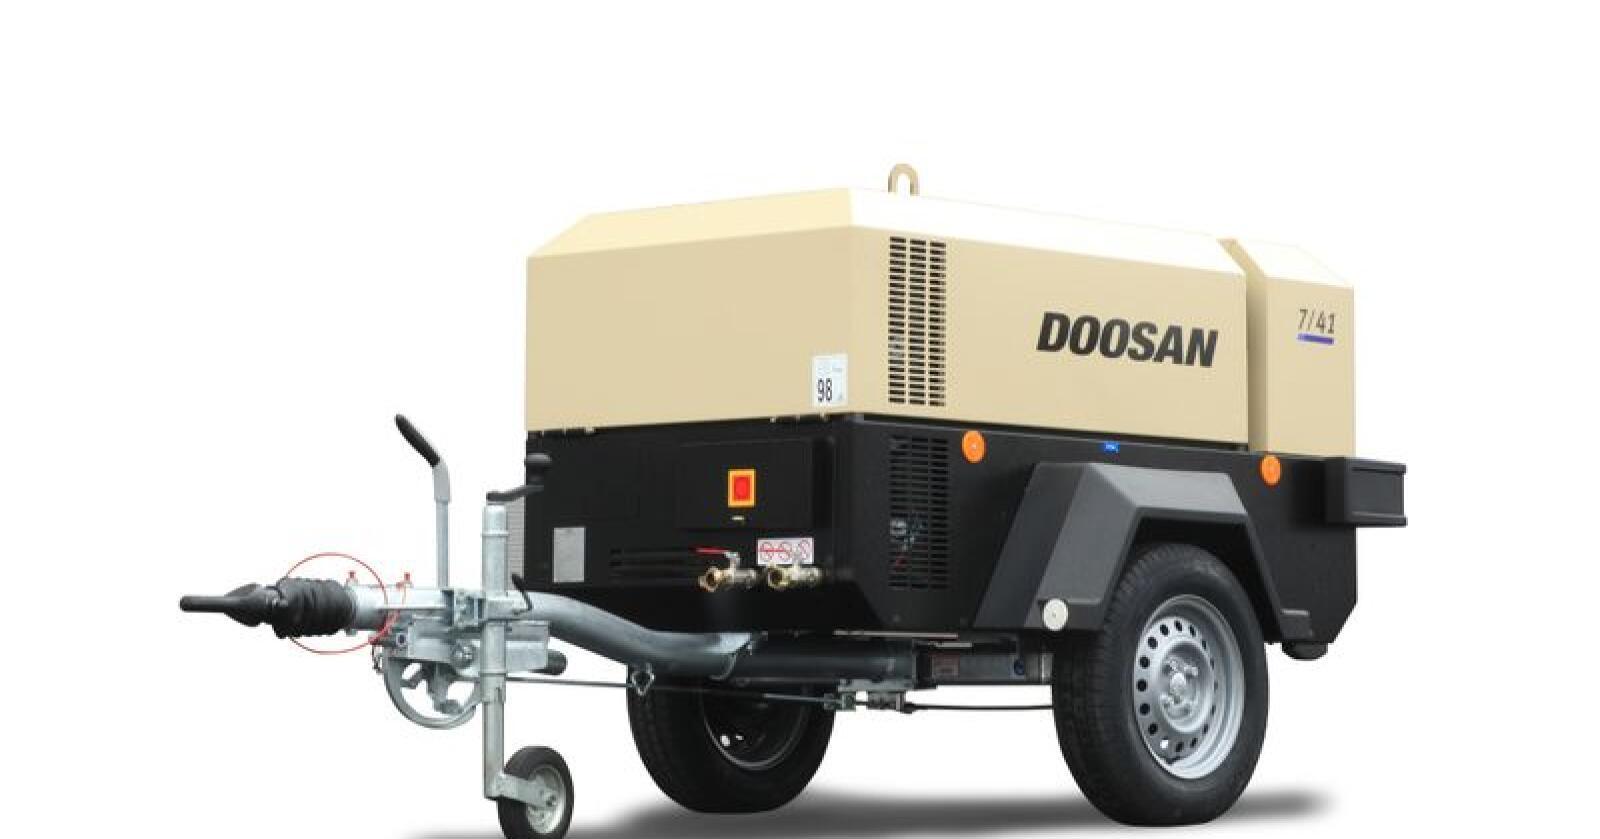 Doosans lavtrykkskompressorer kan leveres med arbeidtrykk fra 7-17 bar. (Foto: produsenten)